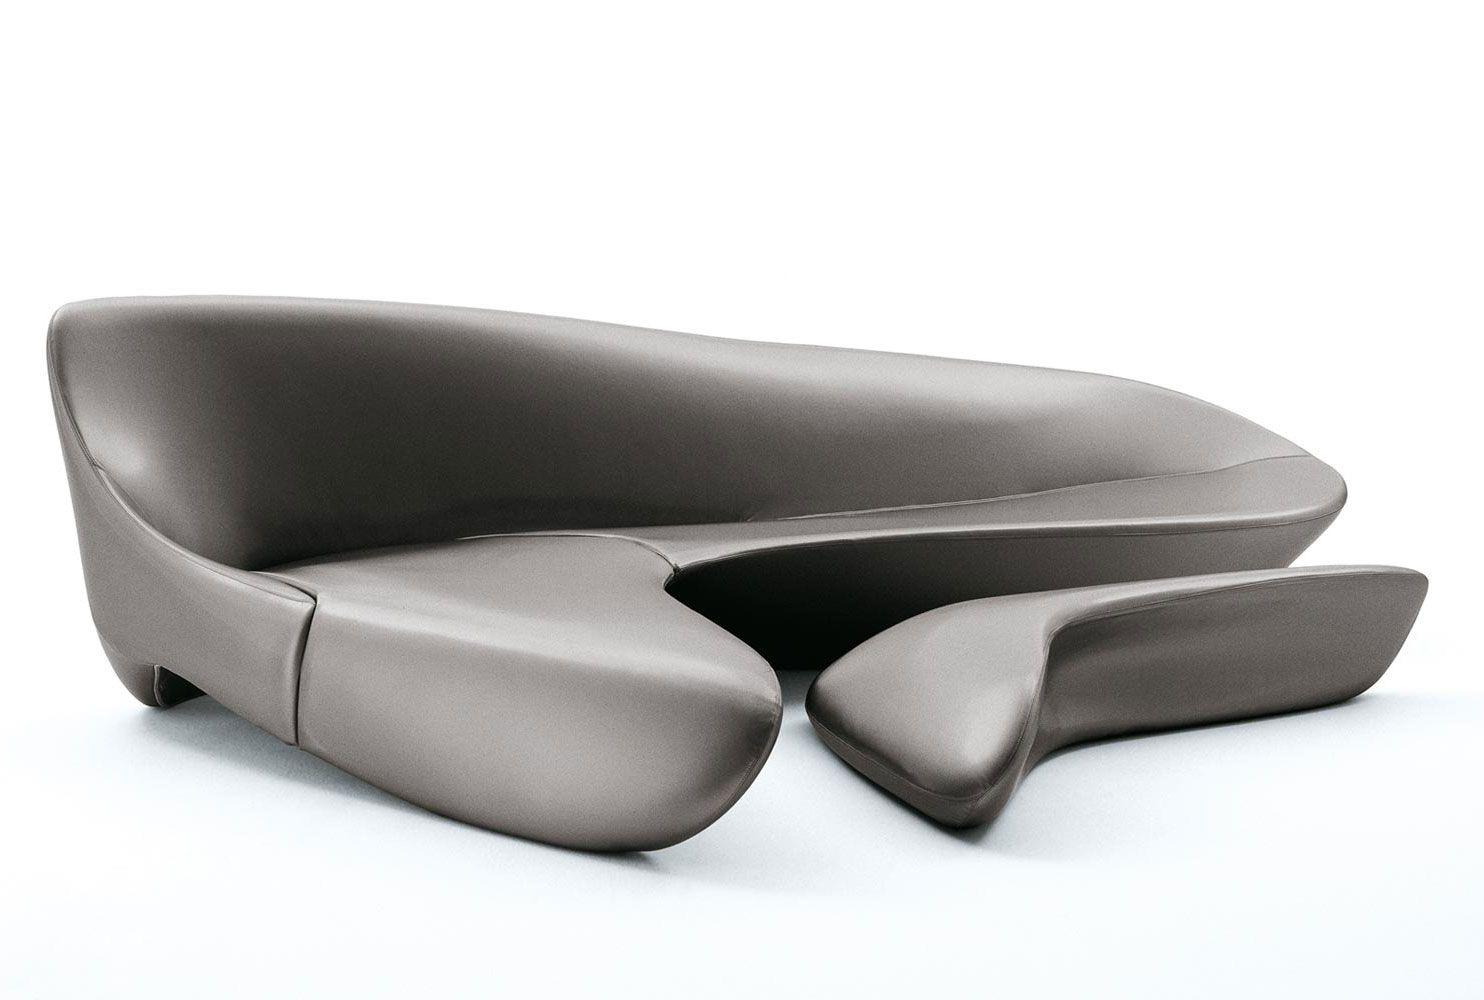 Sofa Moon System Collection B B Italia Design Zaha Hadid  # Muebles De Zaha Hadid